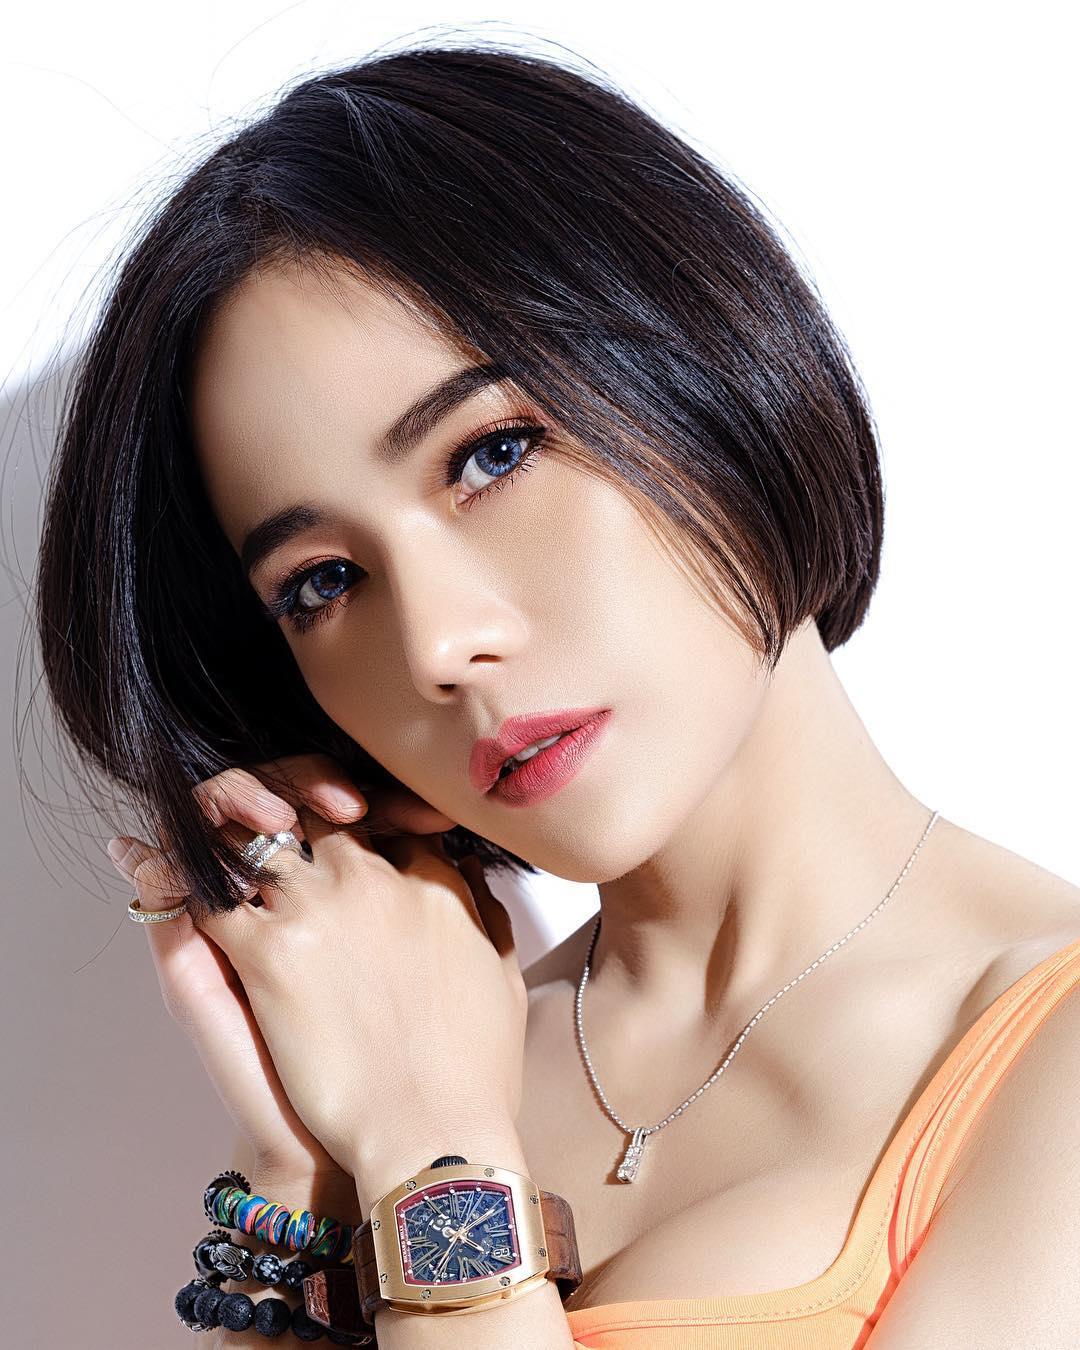 nữ dj xinh đẹp - roxy june chụp chân dung